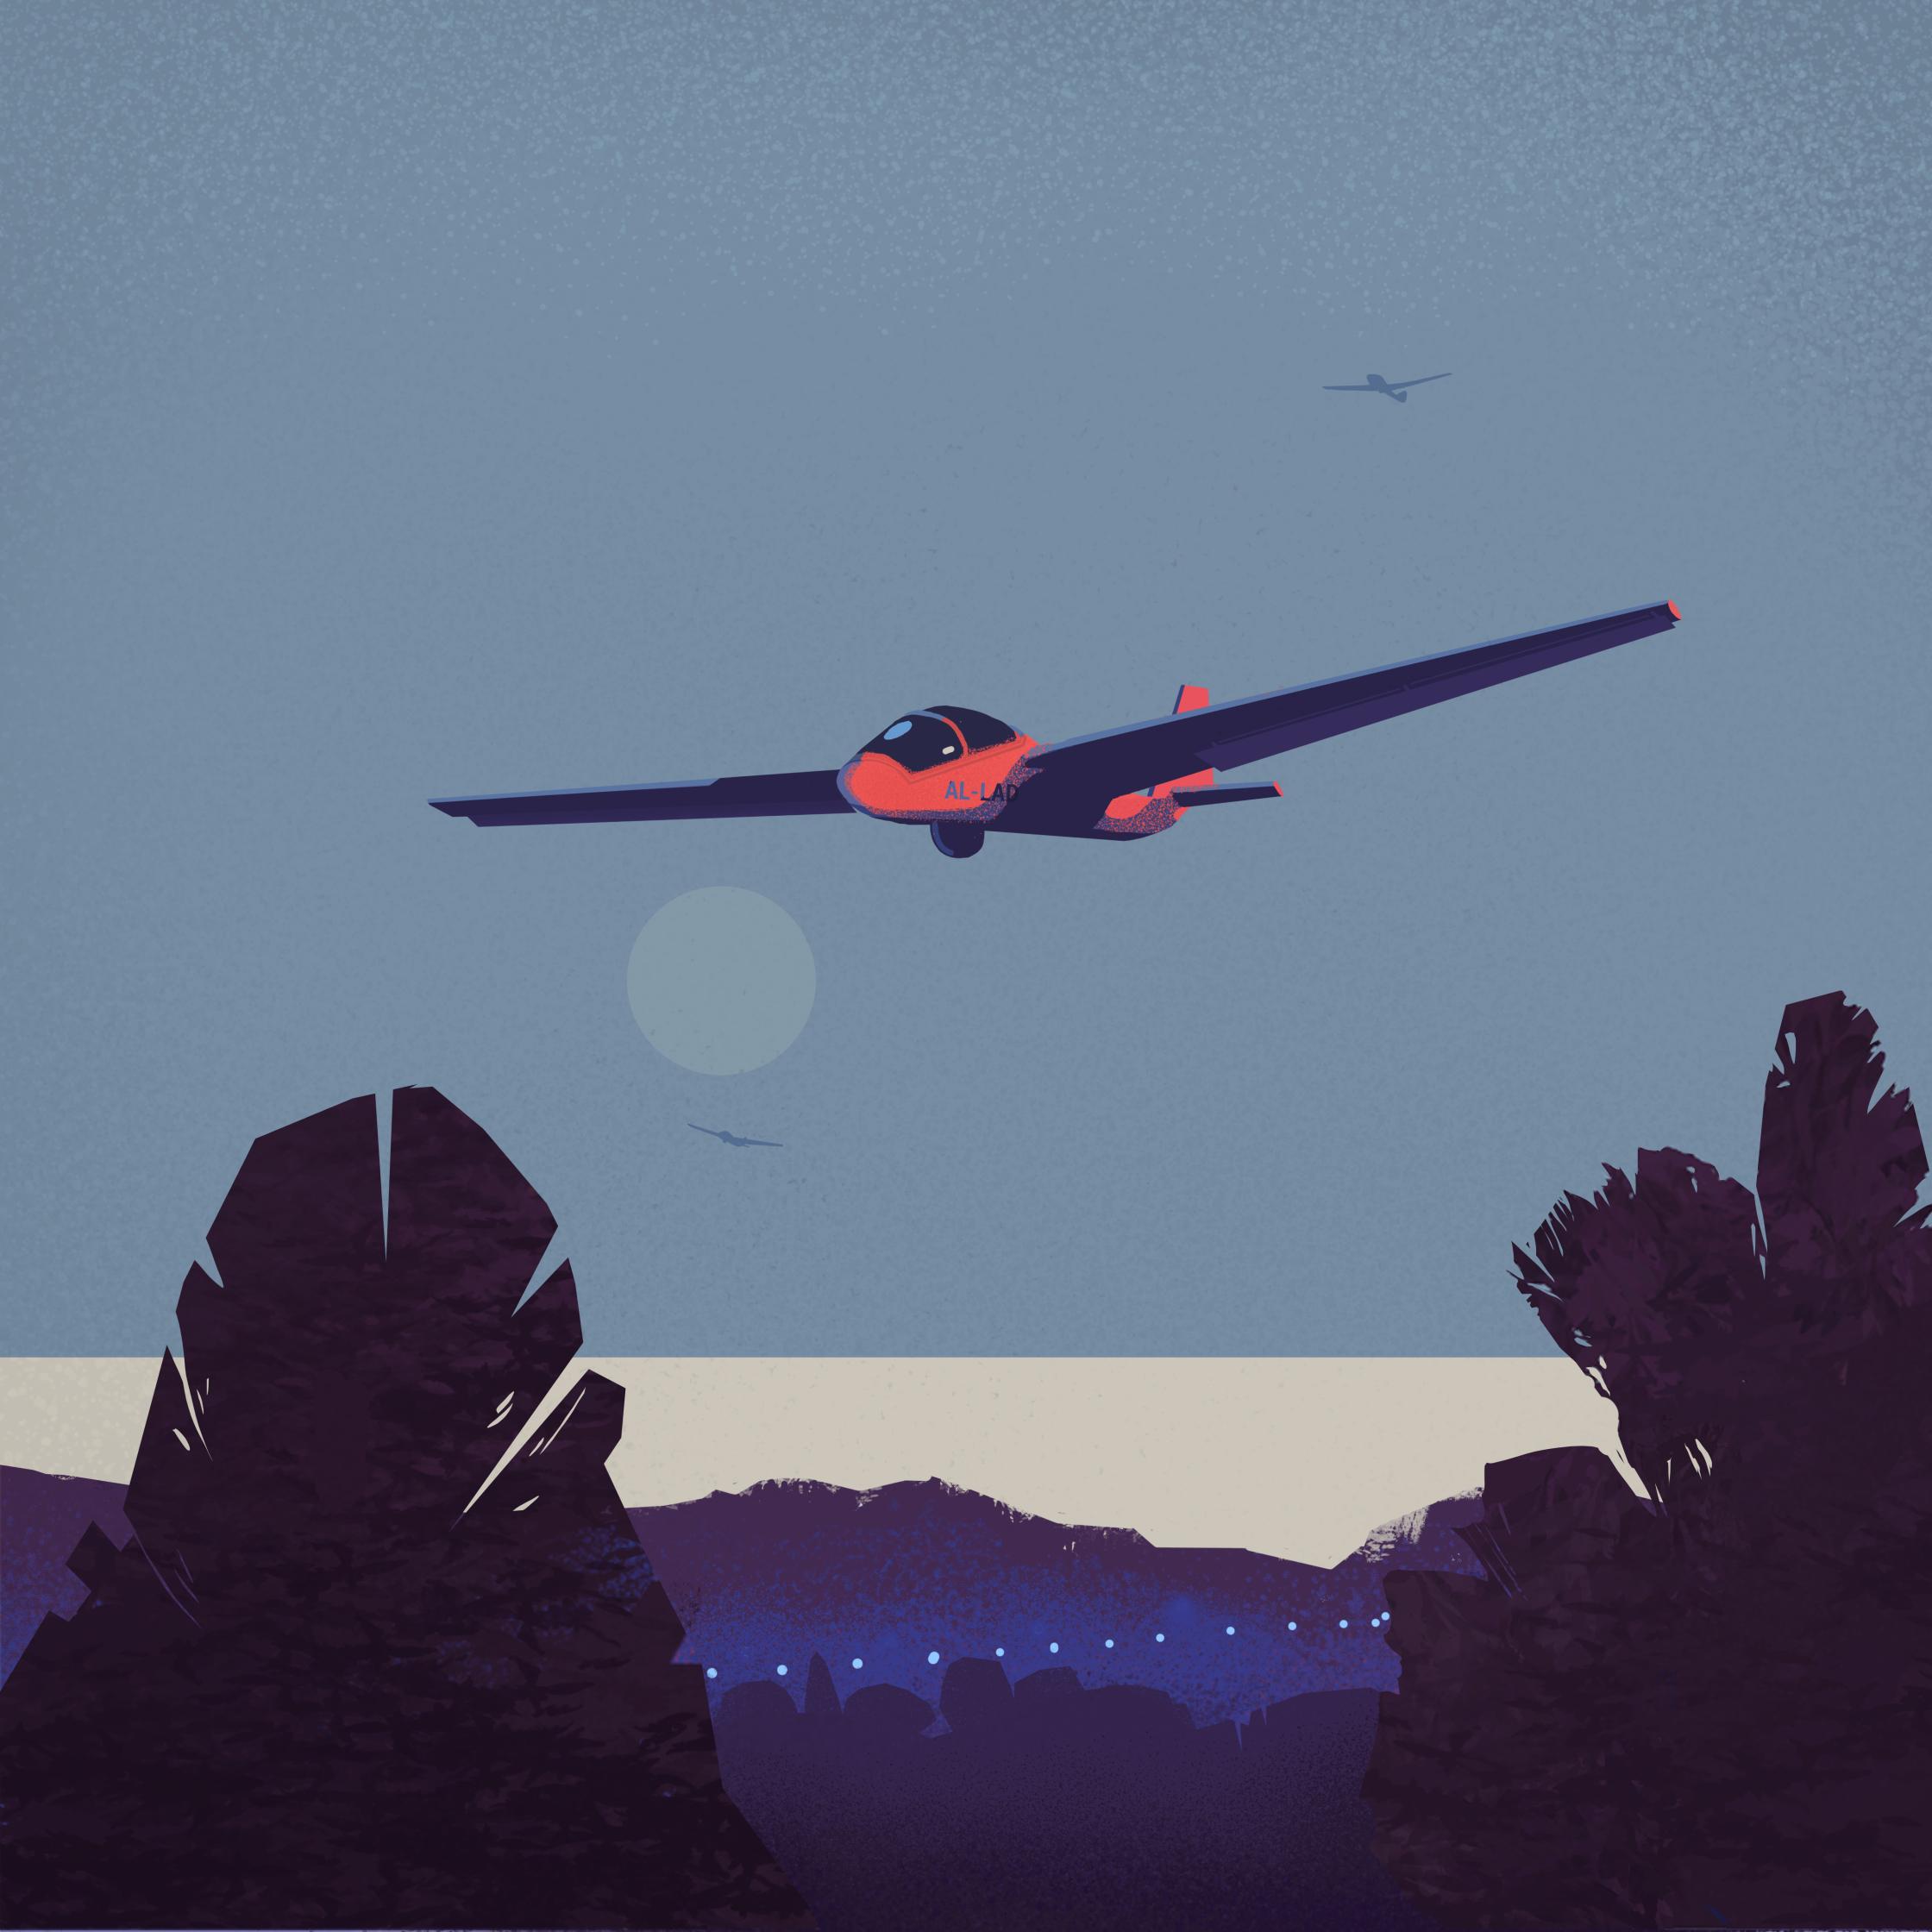 glider_40cm_300dpi.jpg